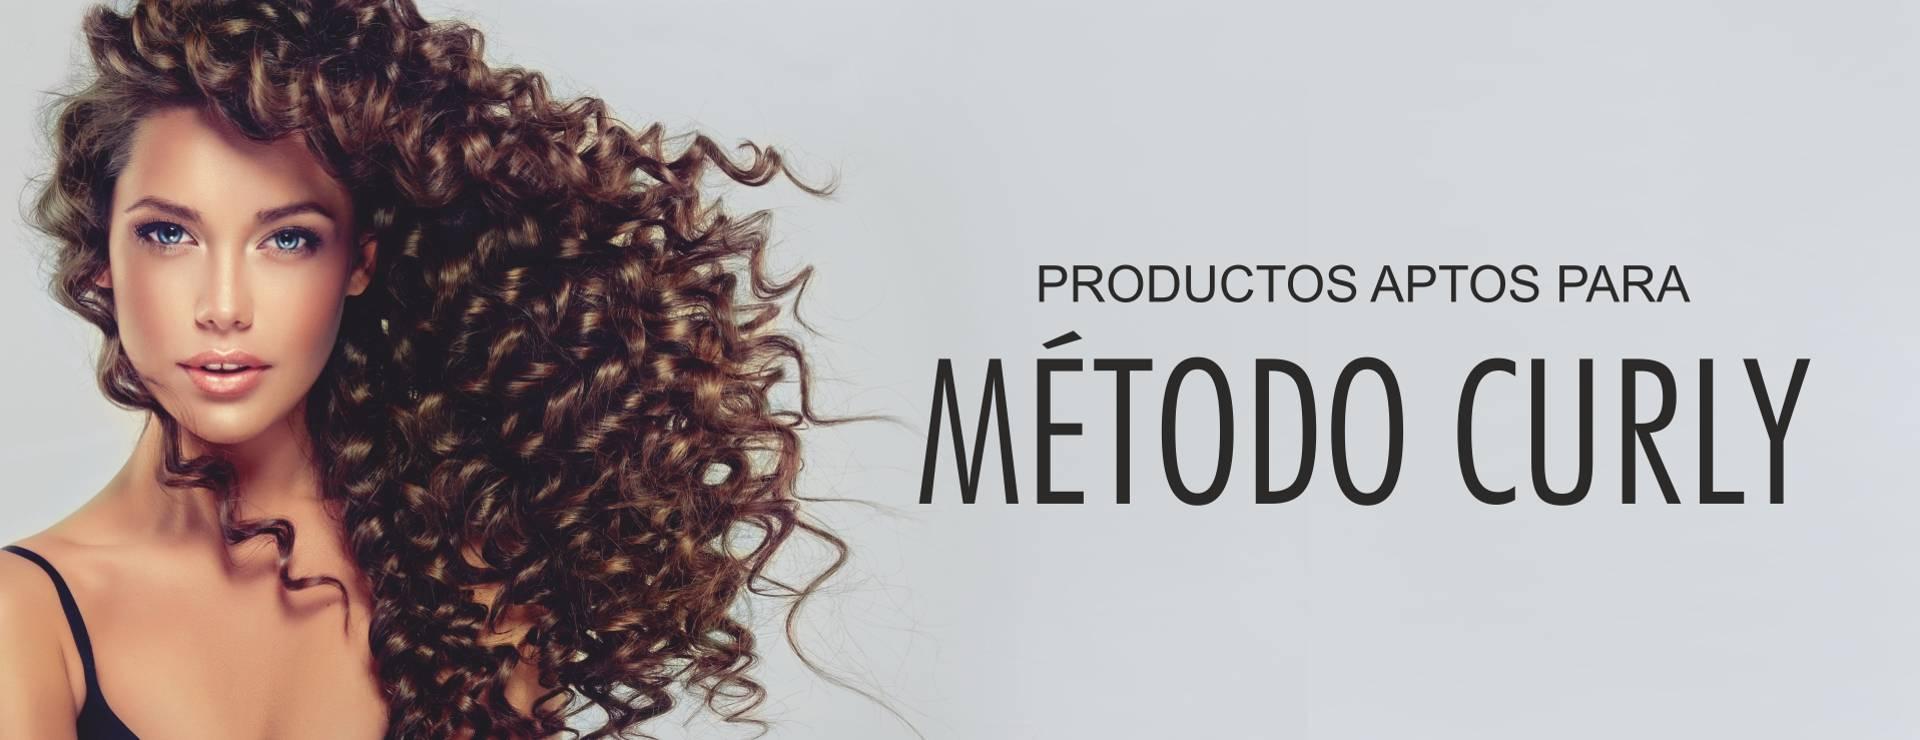 Productos aptos para el Método Curly